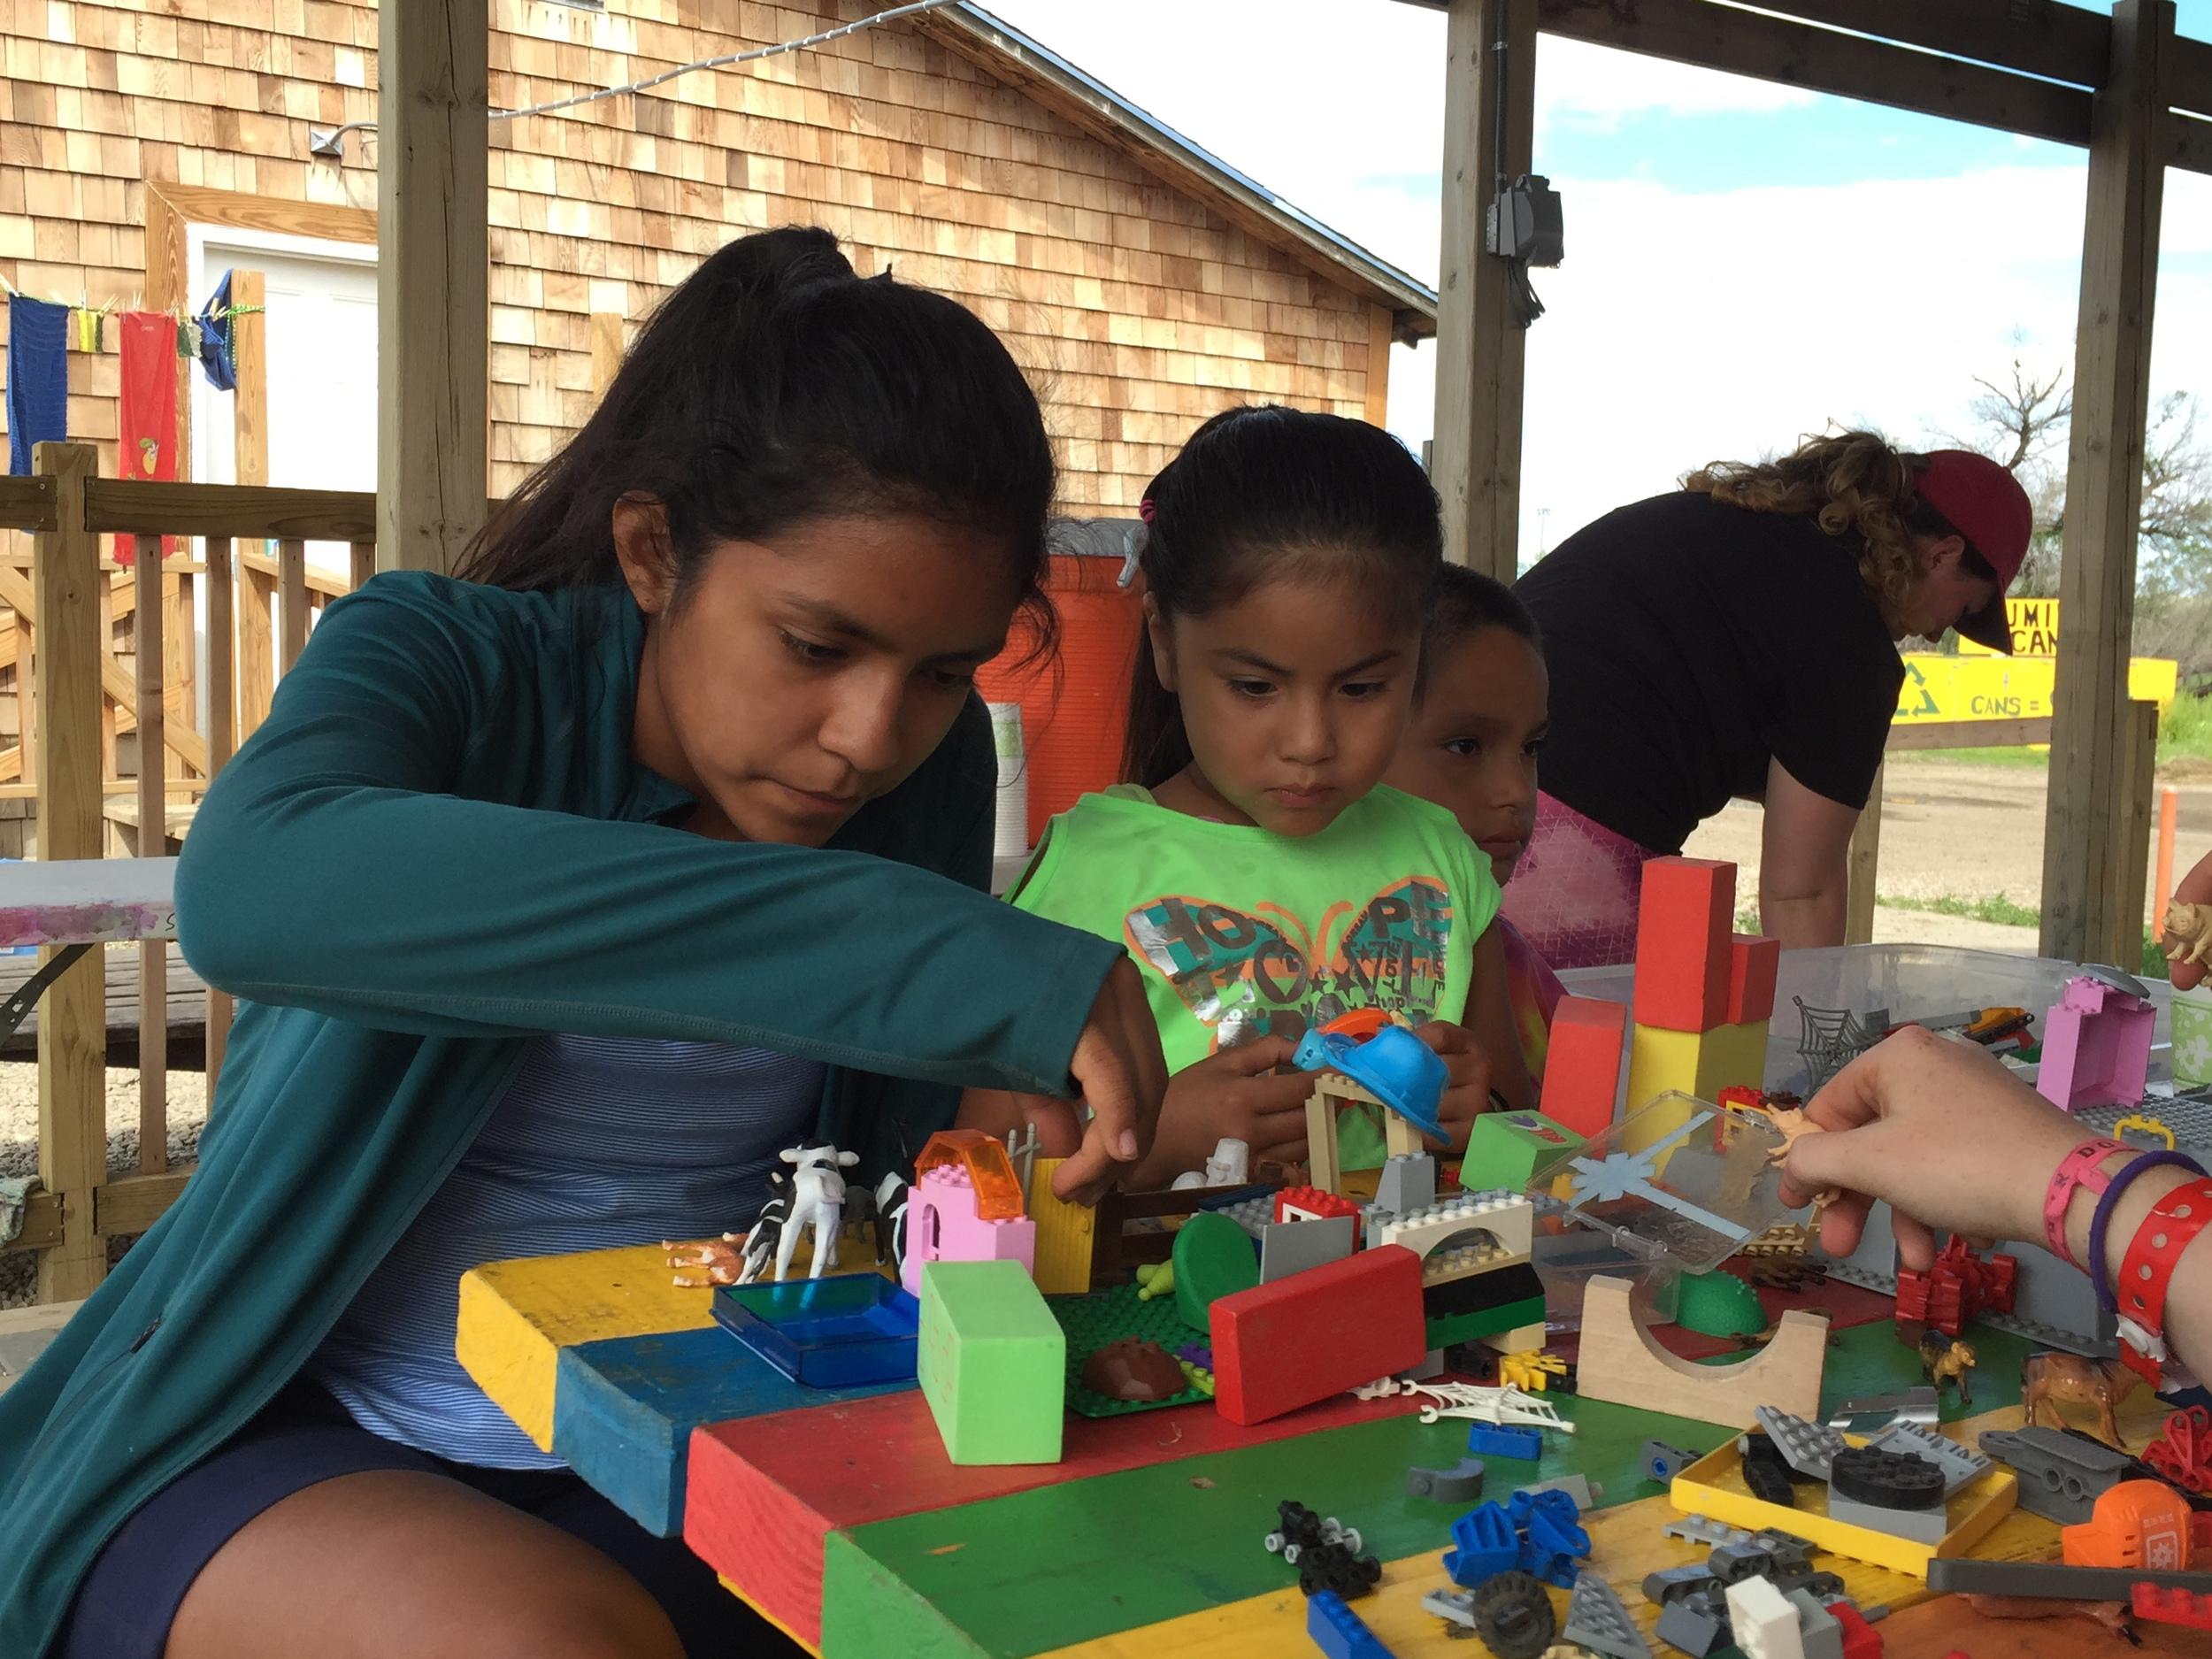 Fun building at camp!  (Z.Gross, June 2015, La Plant, S.D.)